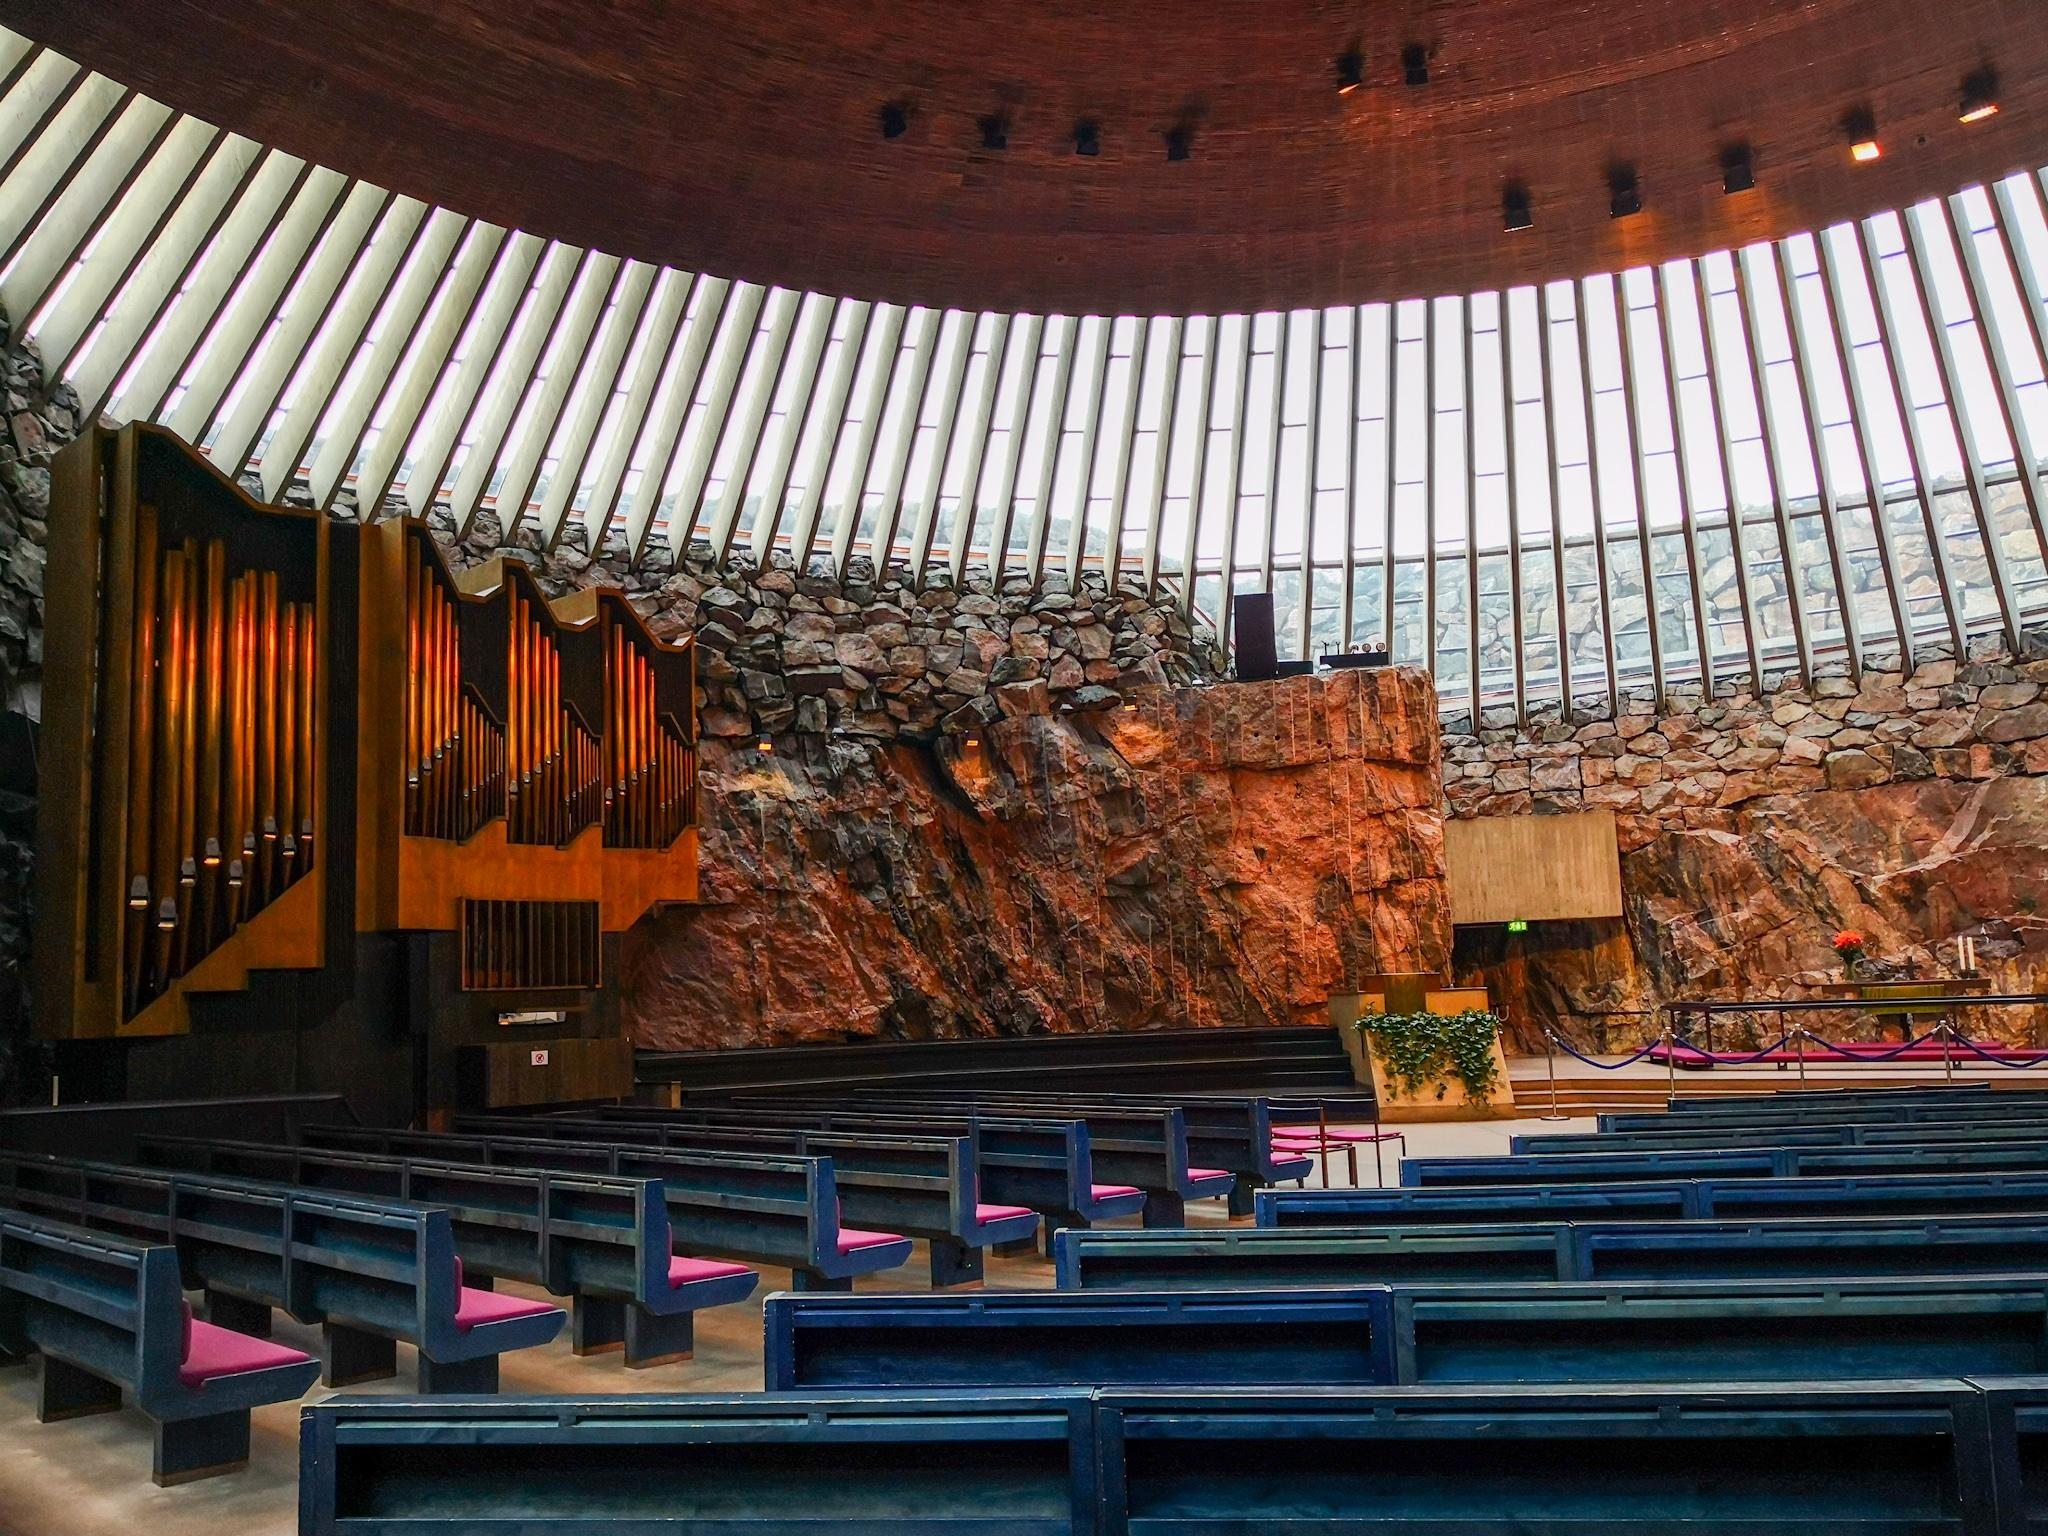 Kirche aus Stein - die Felsenkirche in Helsinki